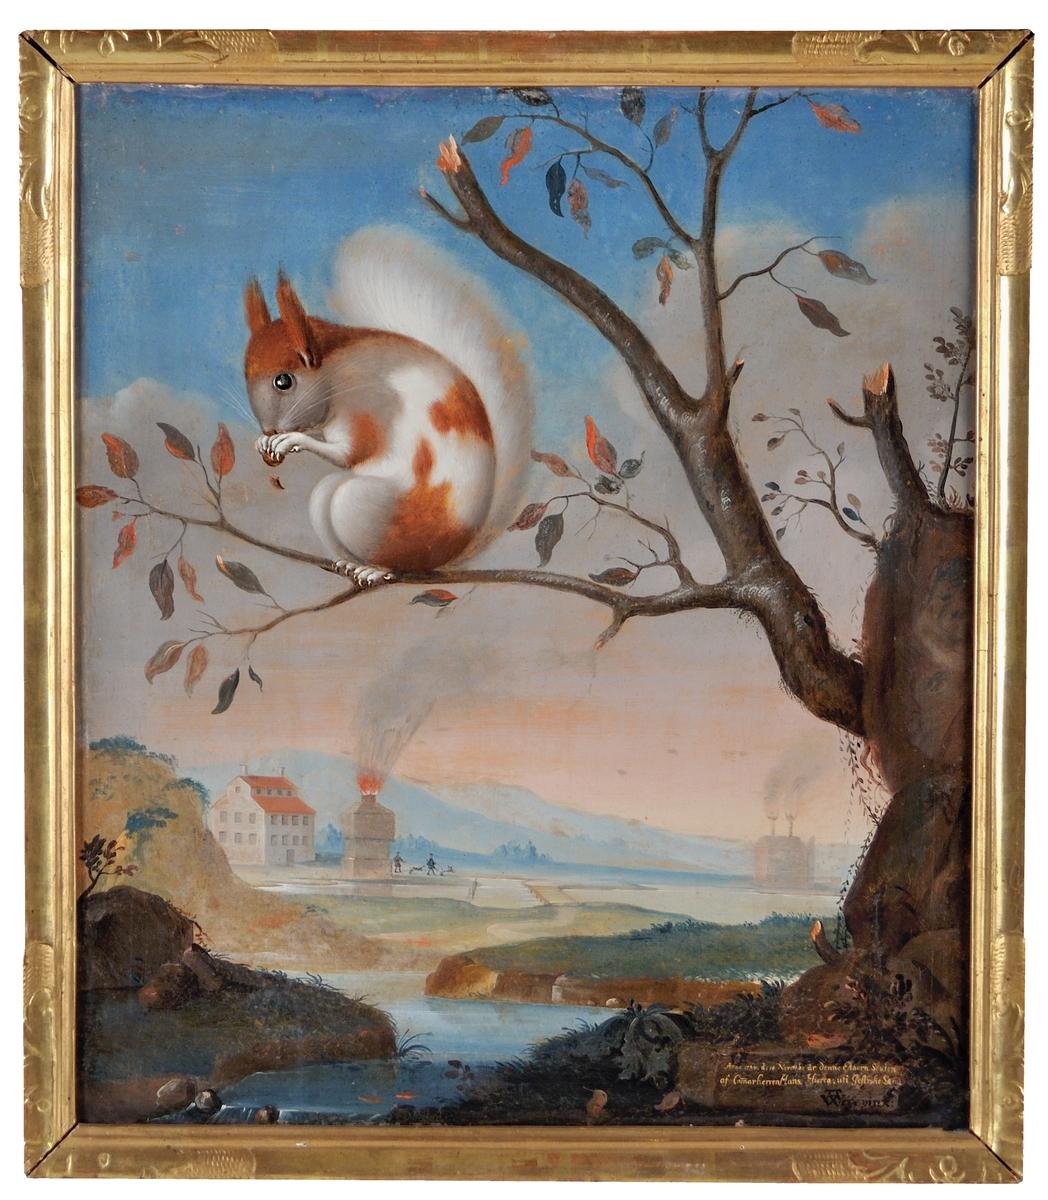 """Oljemålning, """"Ekorre vid Högbo bruk"""", av A. Weise (av Ehrenstrahls skola). I förgrunden en röd och vit ekorre gnagande på en nöt, sittande på en gren ut från en stubbe. I fonden landskap med vatten, byggnader, masugn mm.  Nertill texten """"Anno 1734 d: 14 Novemb. är denna Ekhorn skuten af Cammarherren Hans Hierta uti Gestrike Land"""". Förgylld ram."""